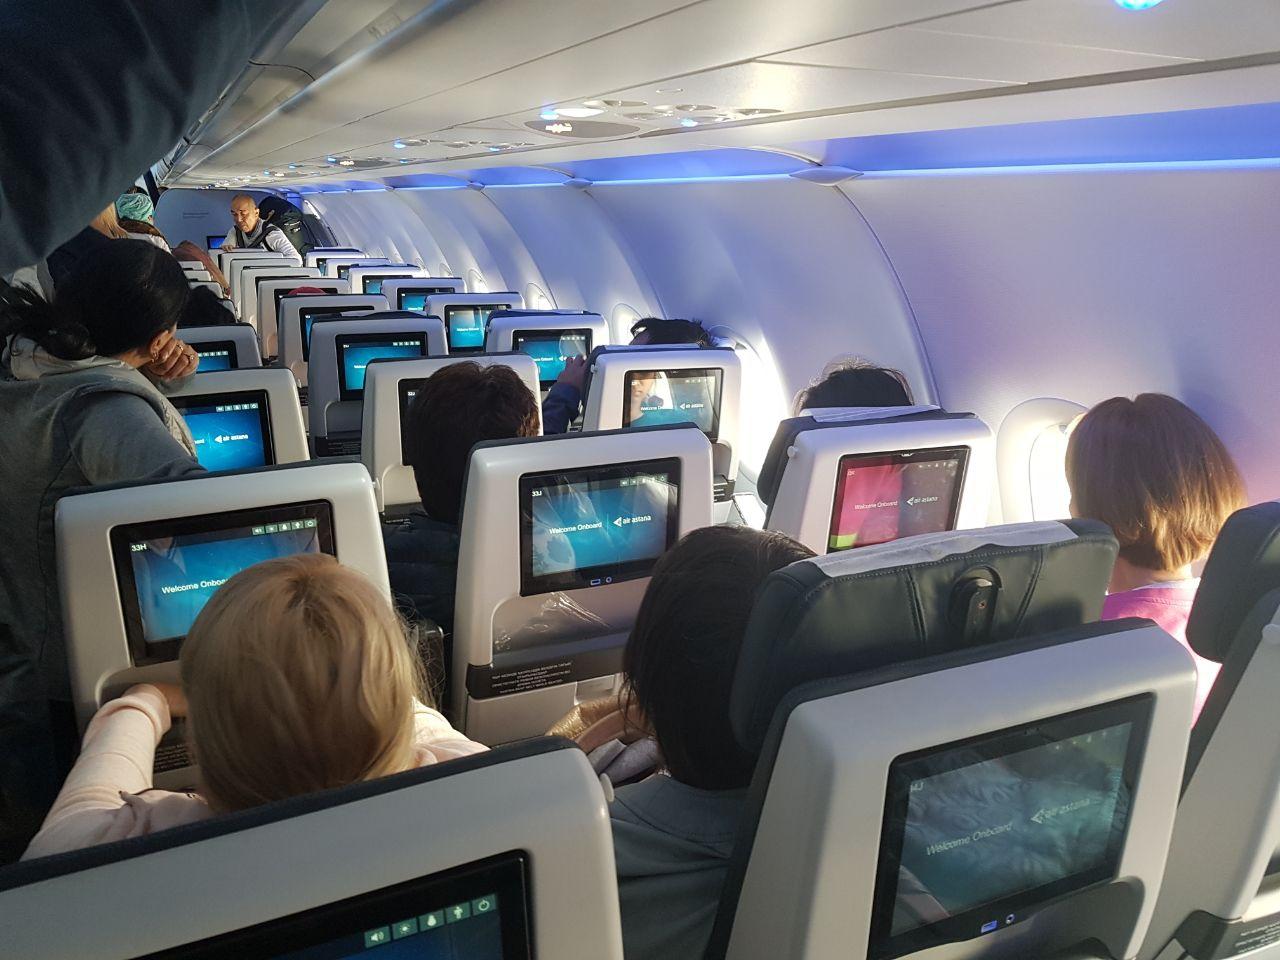 Самолет Air Astana, уютно вкусно, и можно смотреть фильмы, мы летели 3 и 5 часов на двух рейсах